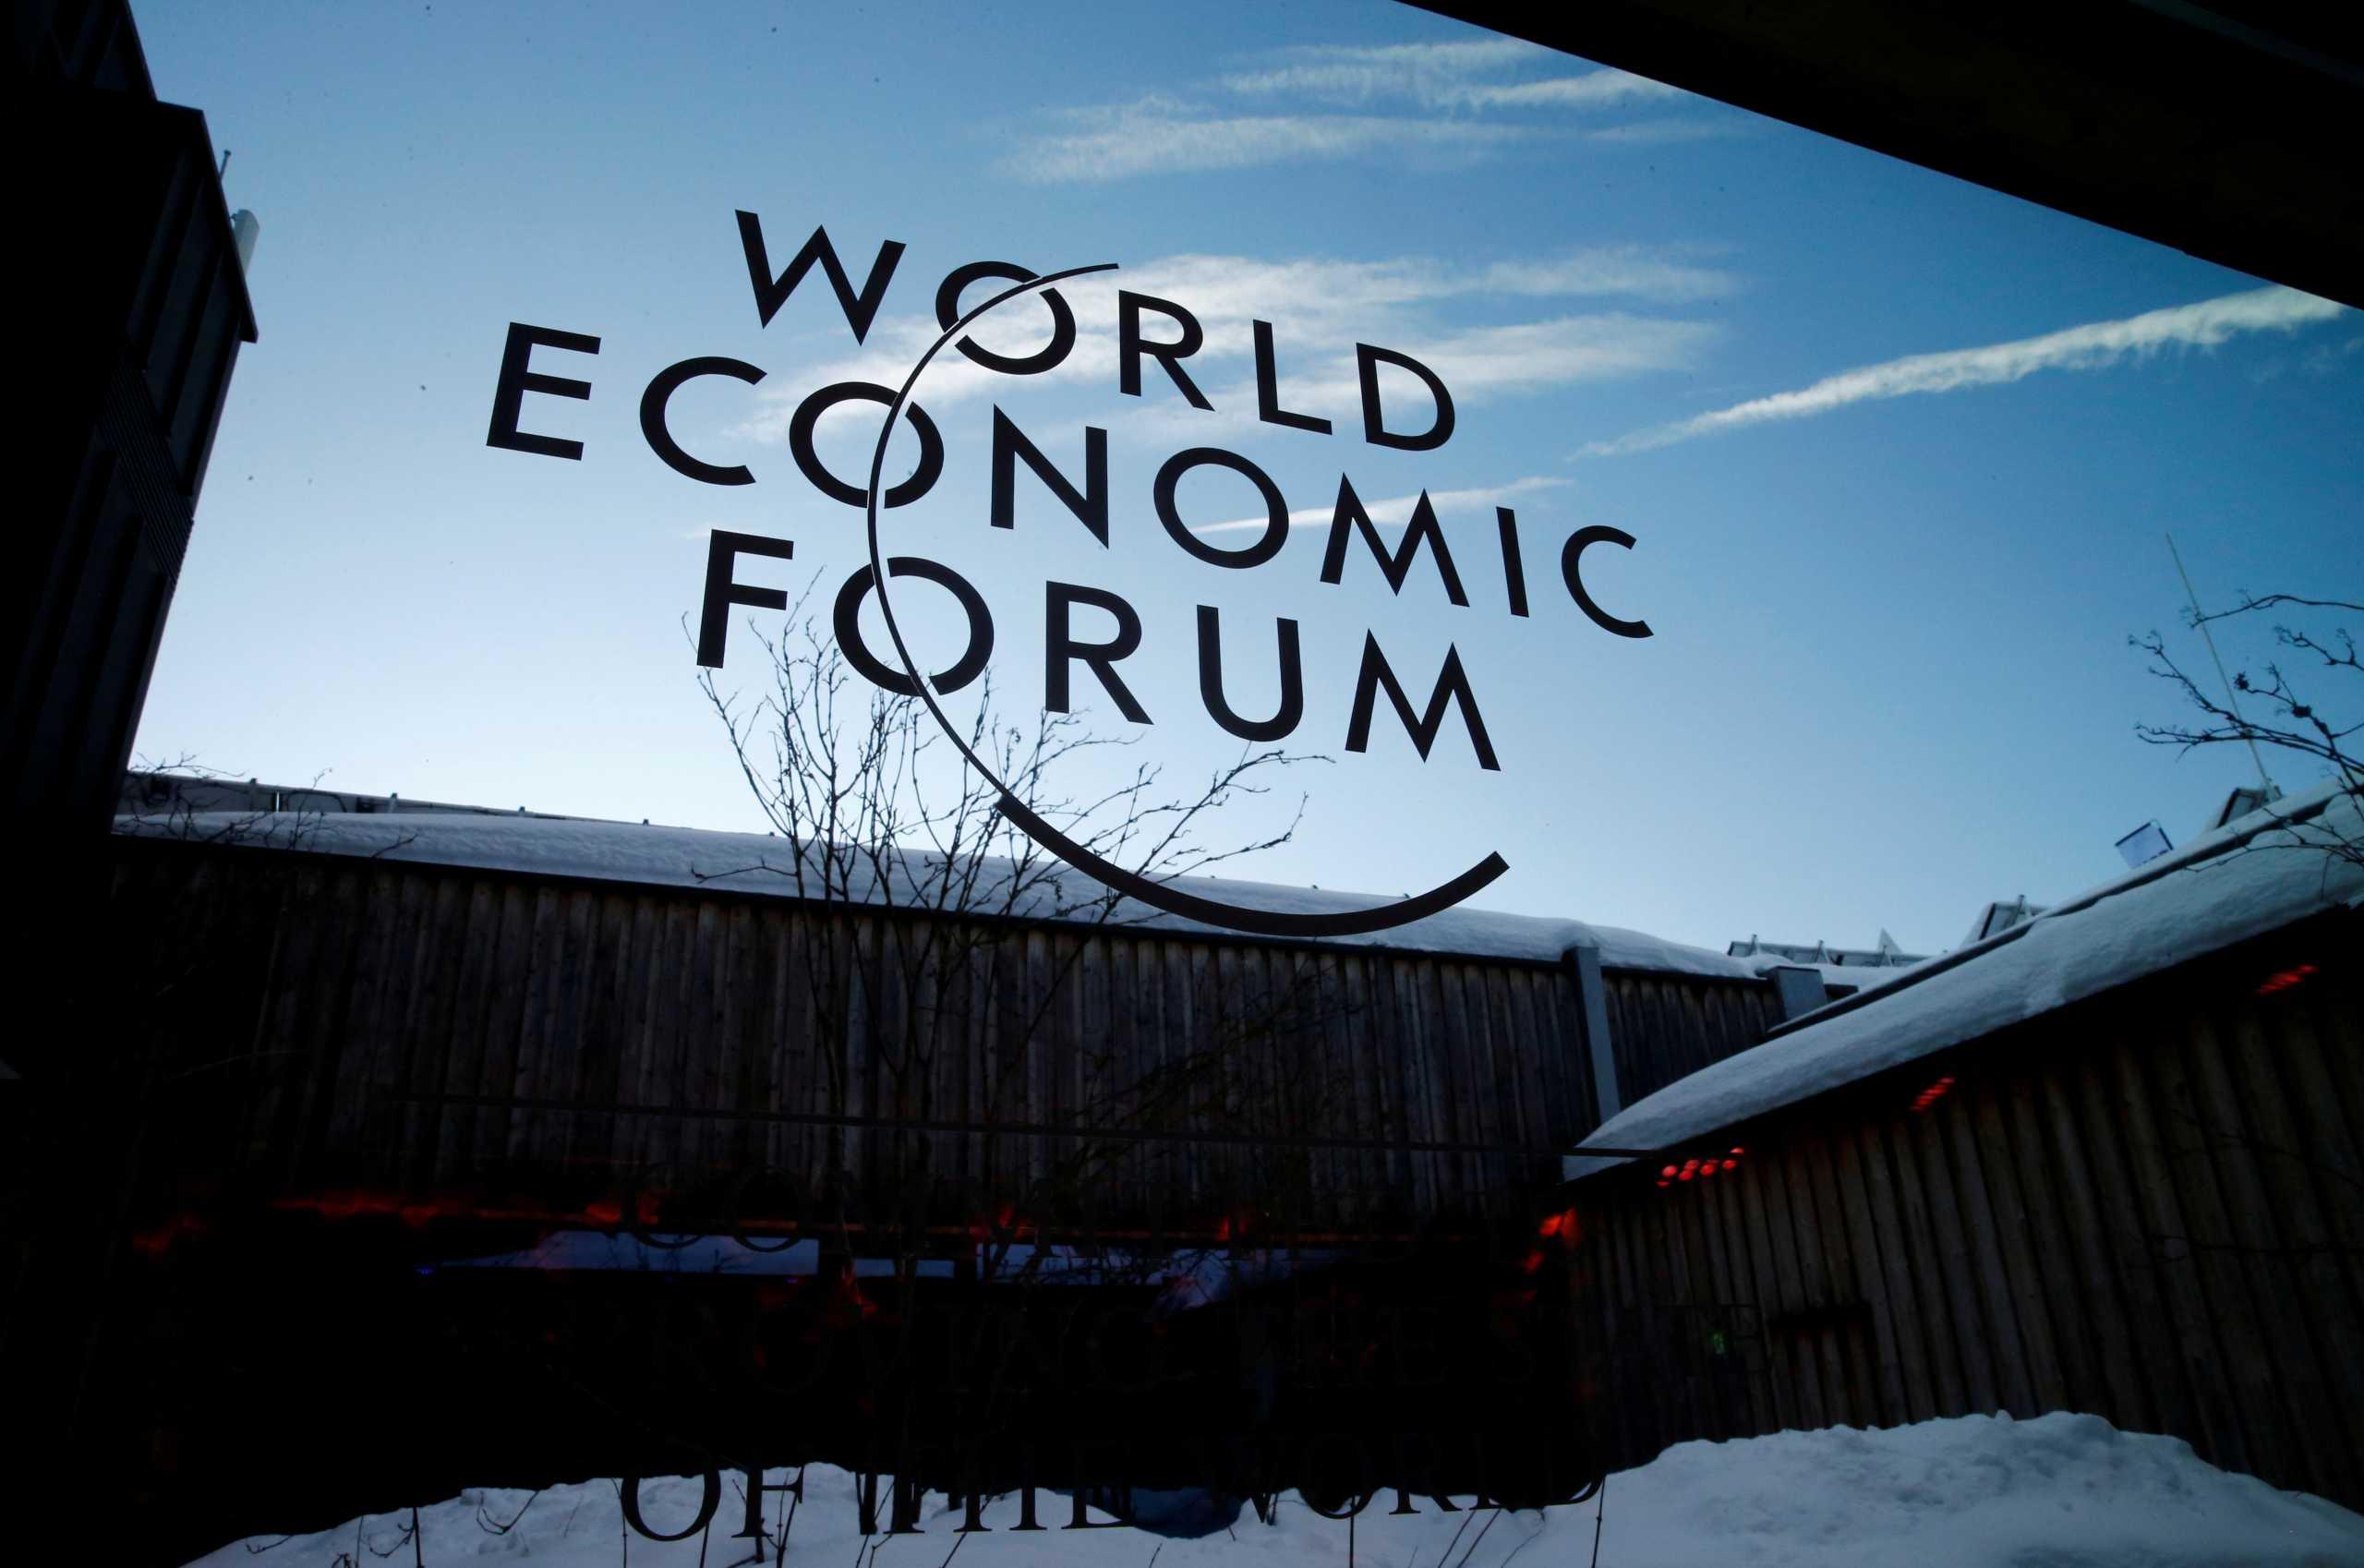 Ο κορονοϊός ακύρωσε και το Παγκόσμιο Οικονομικό Φόρουμ